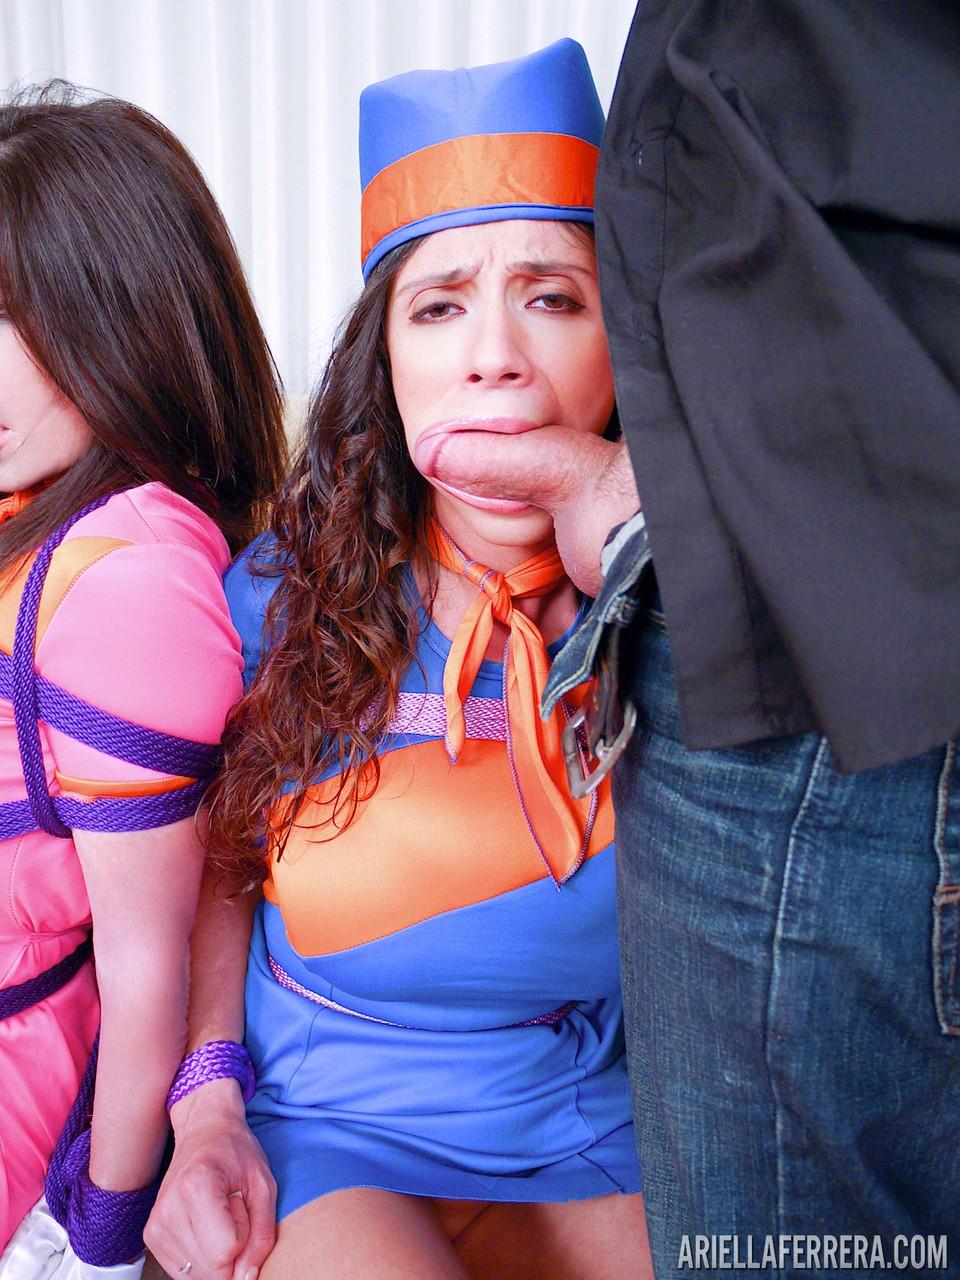 Duas morenas sendo abusadas por um careca bigodudo que as arrombou